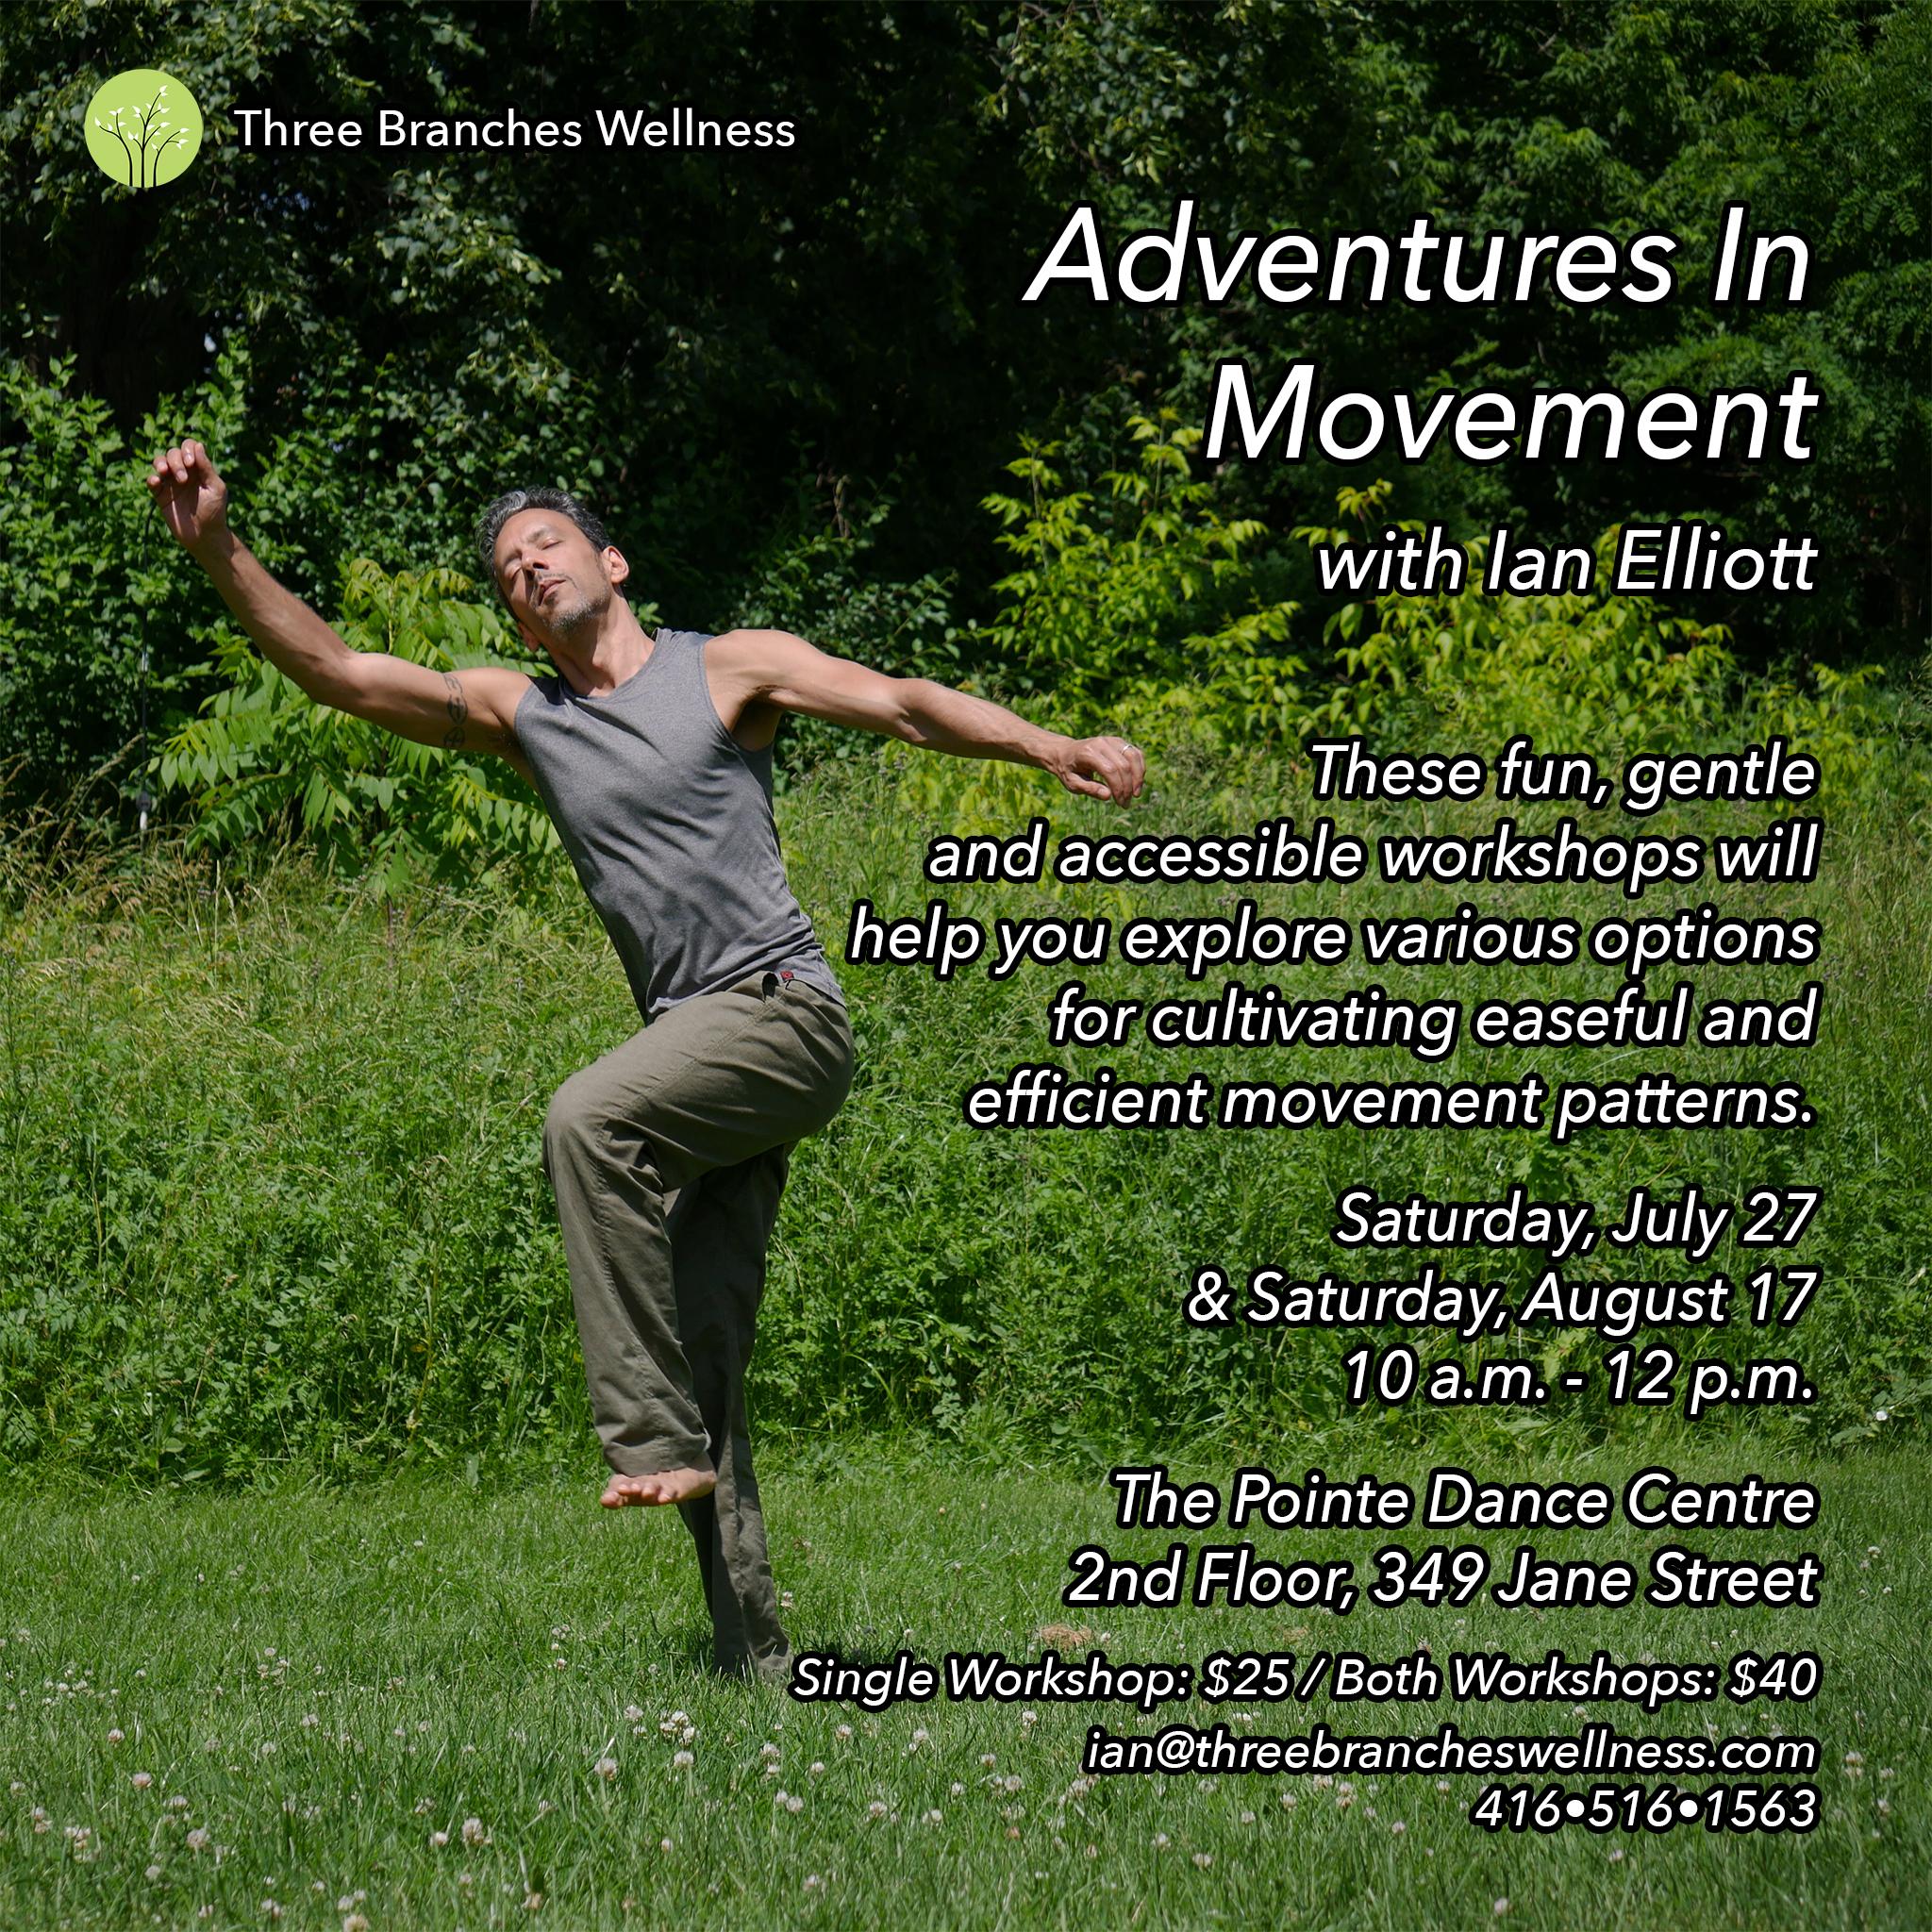 Adventures In Movement Workshop Flyer